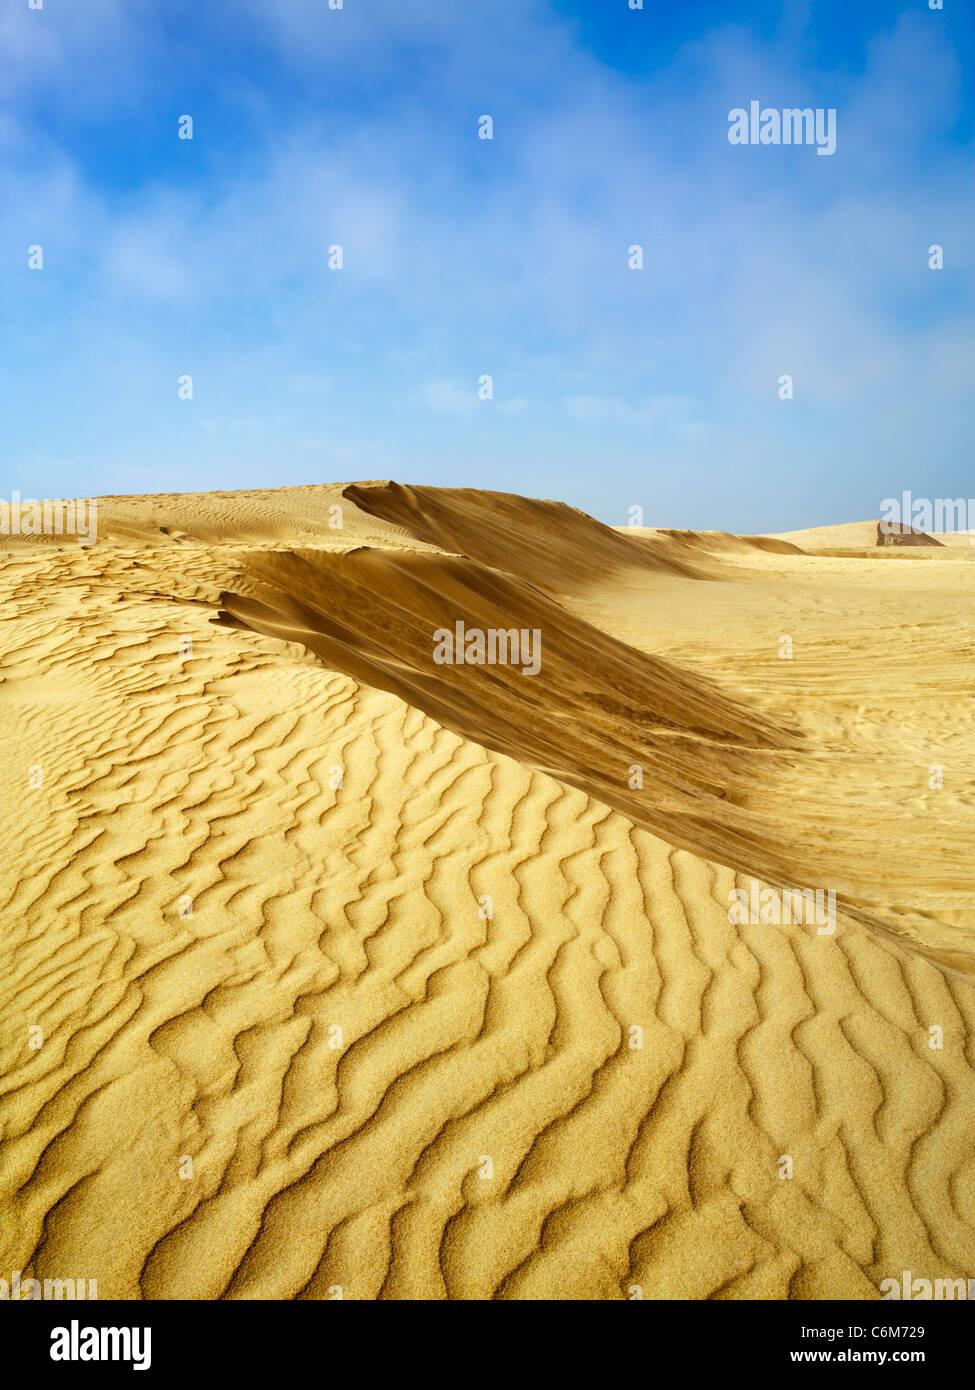 landscape of sand dunes at Oceano Dunes in Pismo Beach, California - Stock Image